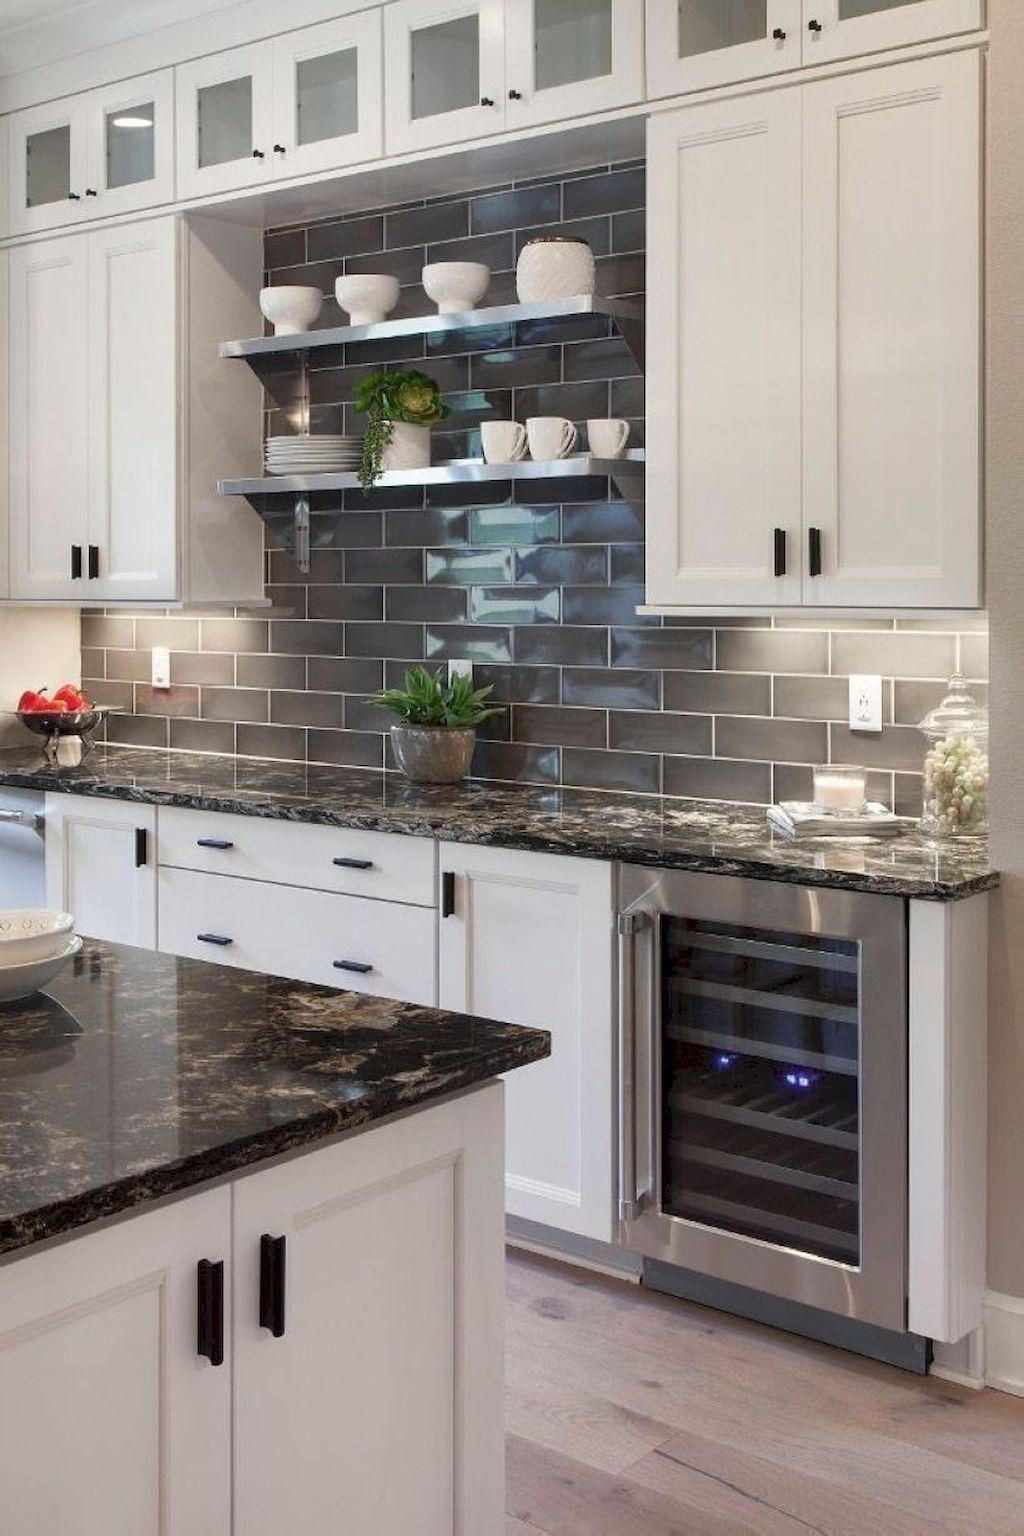 31 Popular Kitchen Backsplash Design Ideas Will Be Trend 2020 Kitchen Design Countertops Kitchen Backsplash Designs Kitchen Renovation